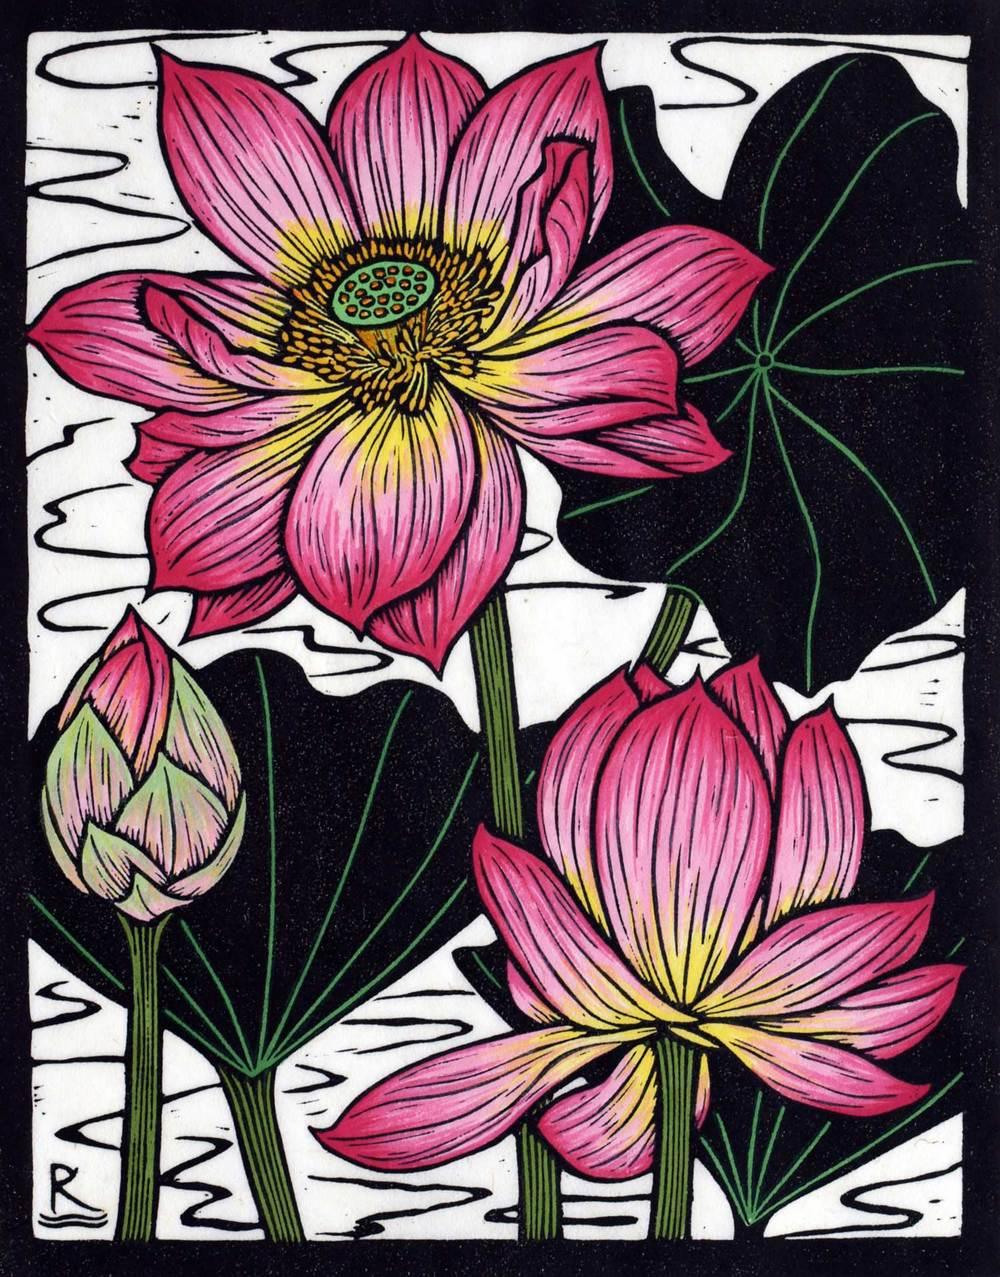 sacred-lotus-2-linocut-rachel-newling.jpg